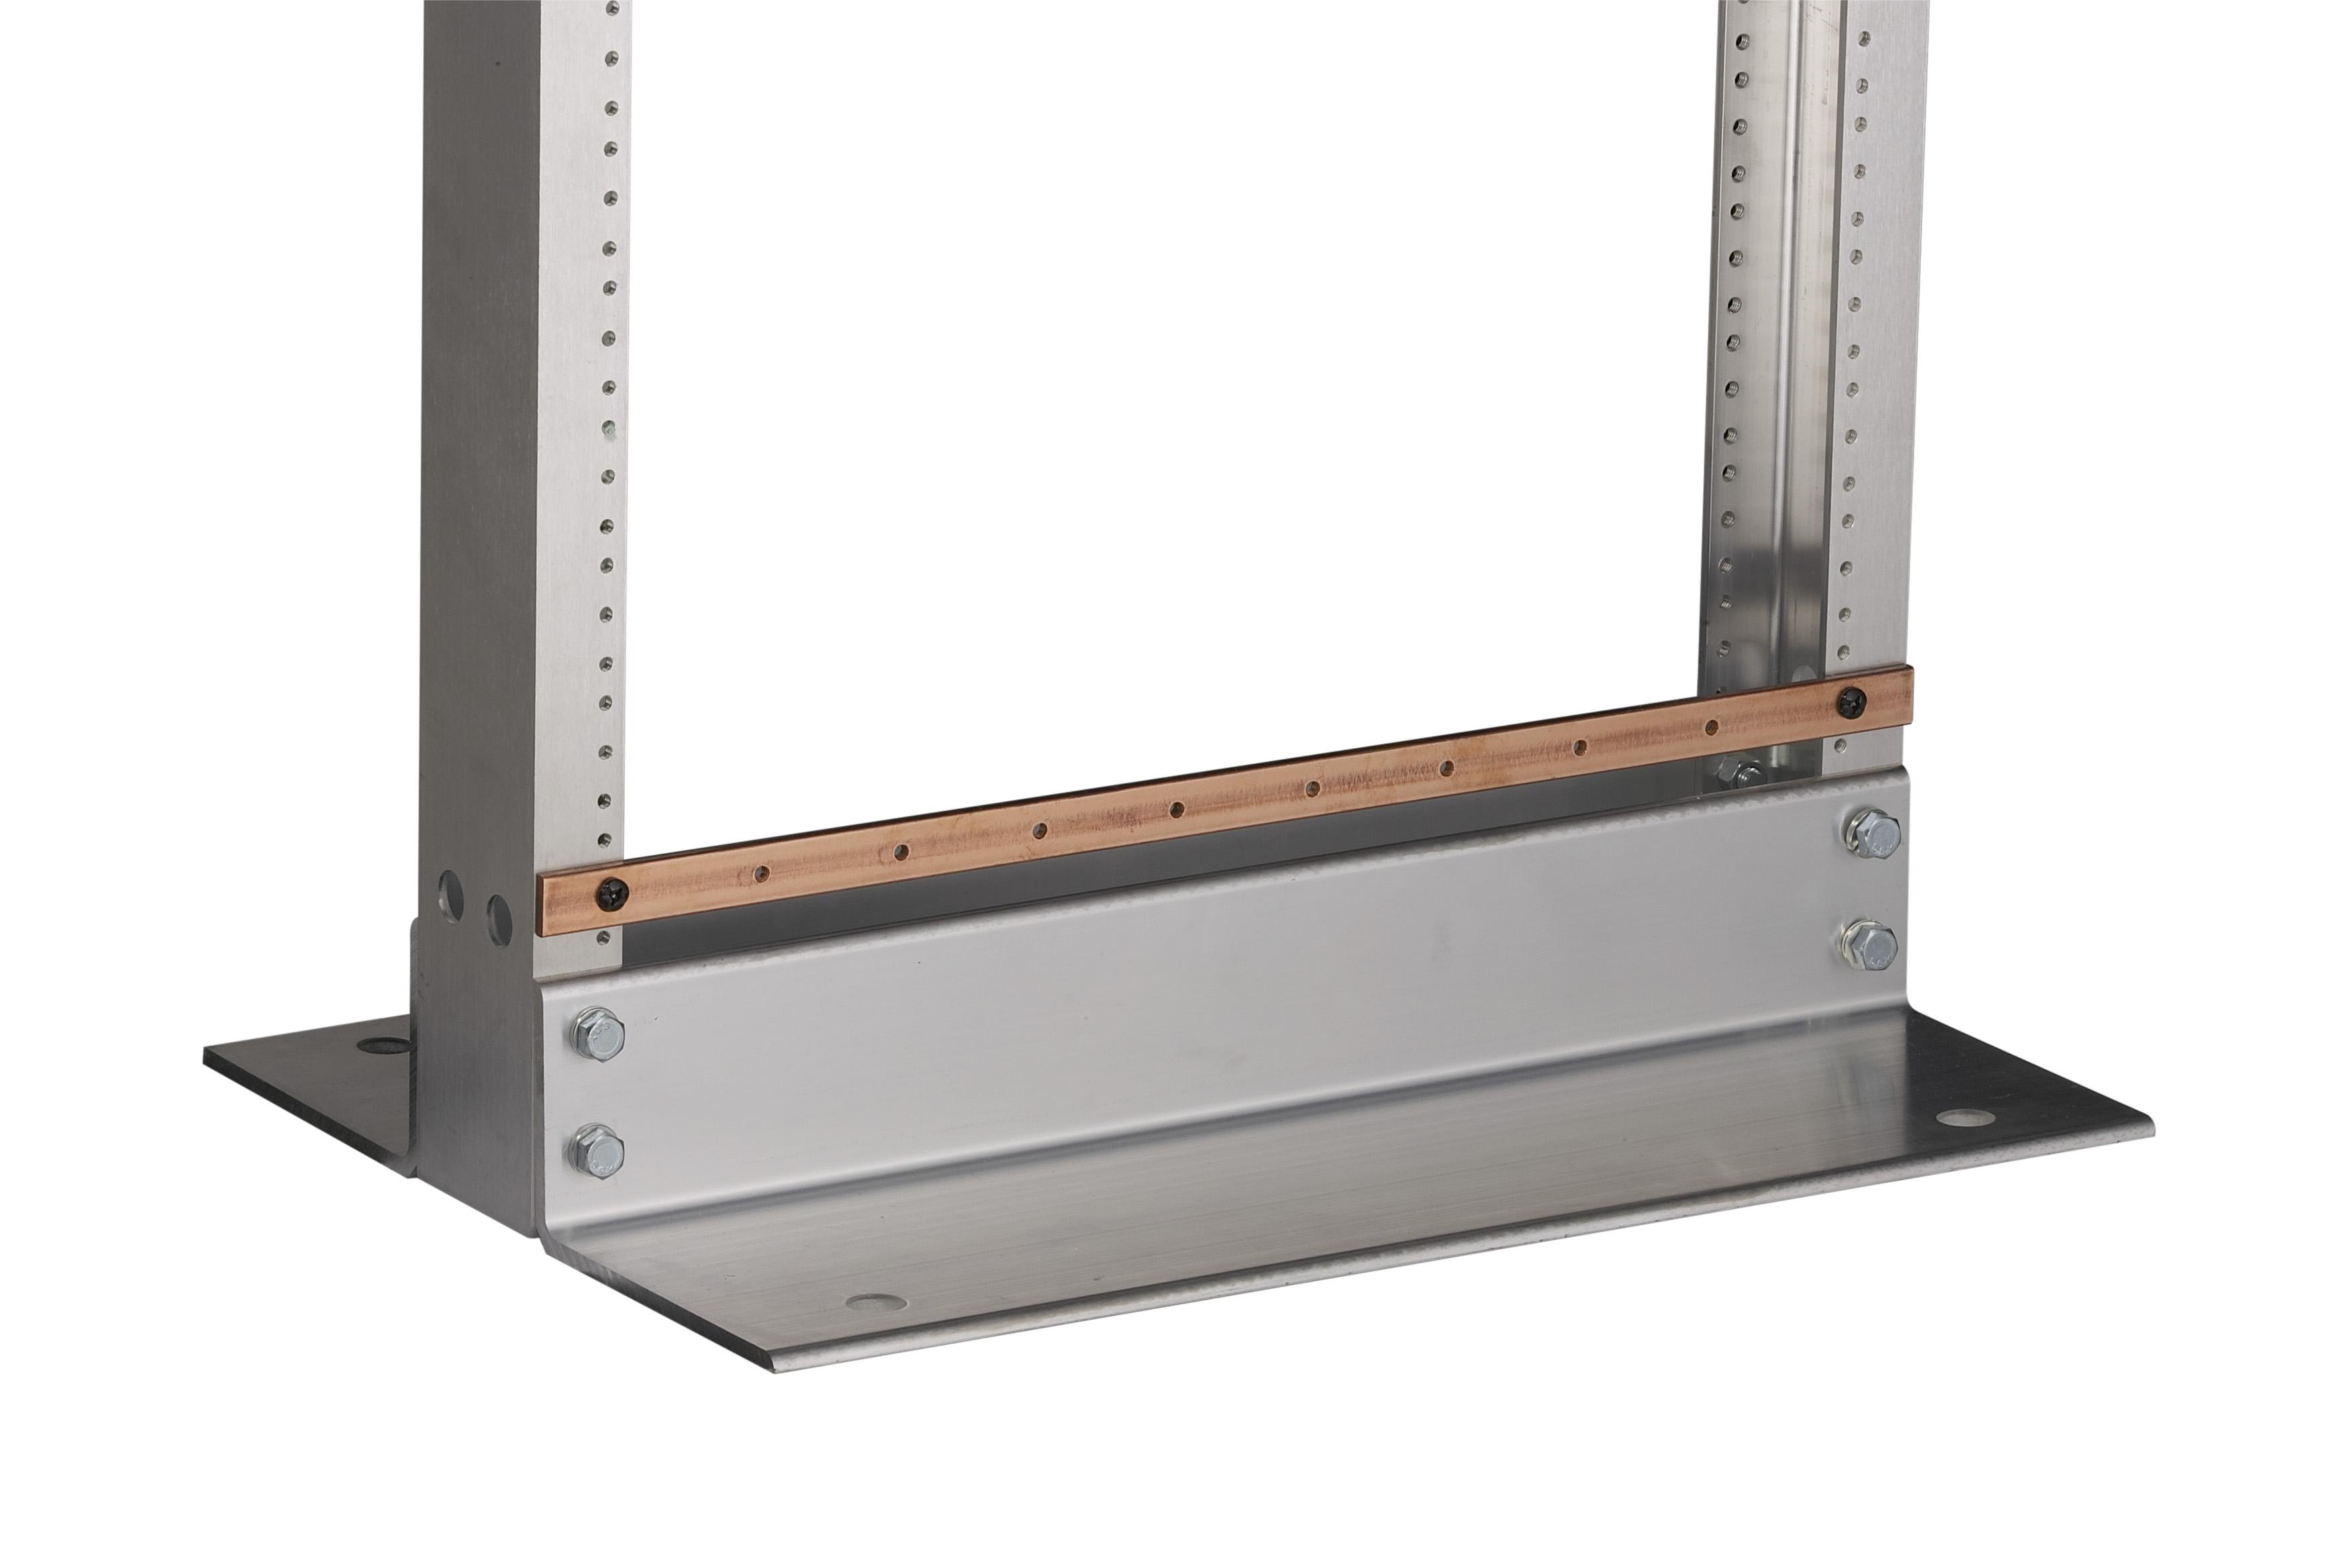 infra en rack us inch black skd infrastructure server united shelf states